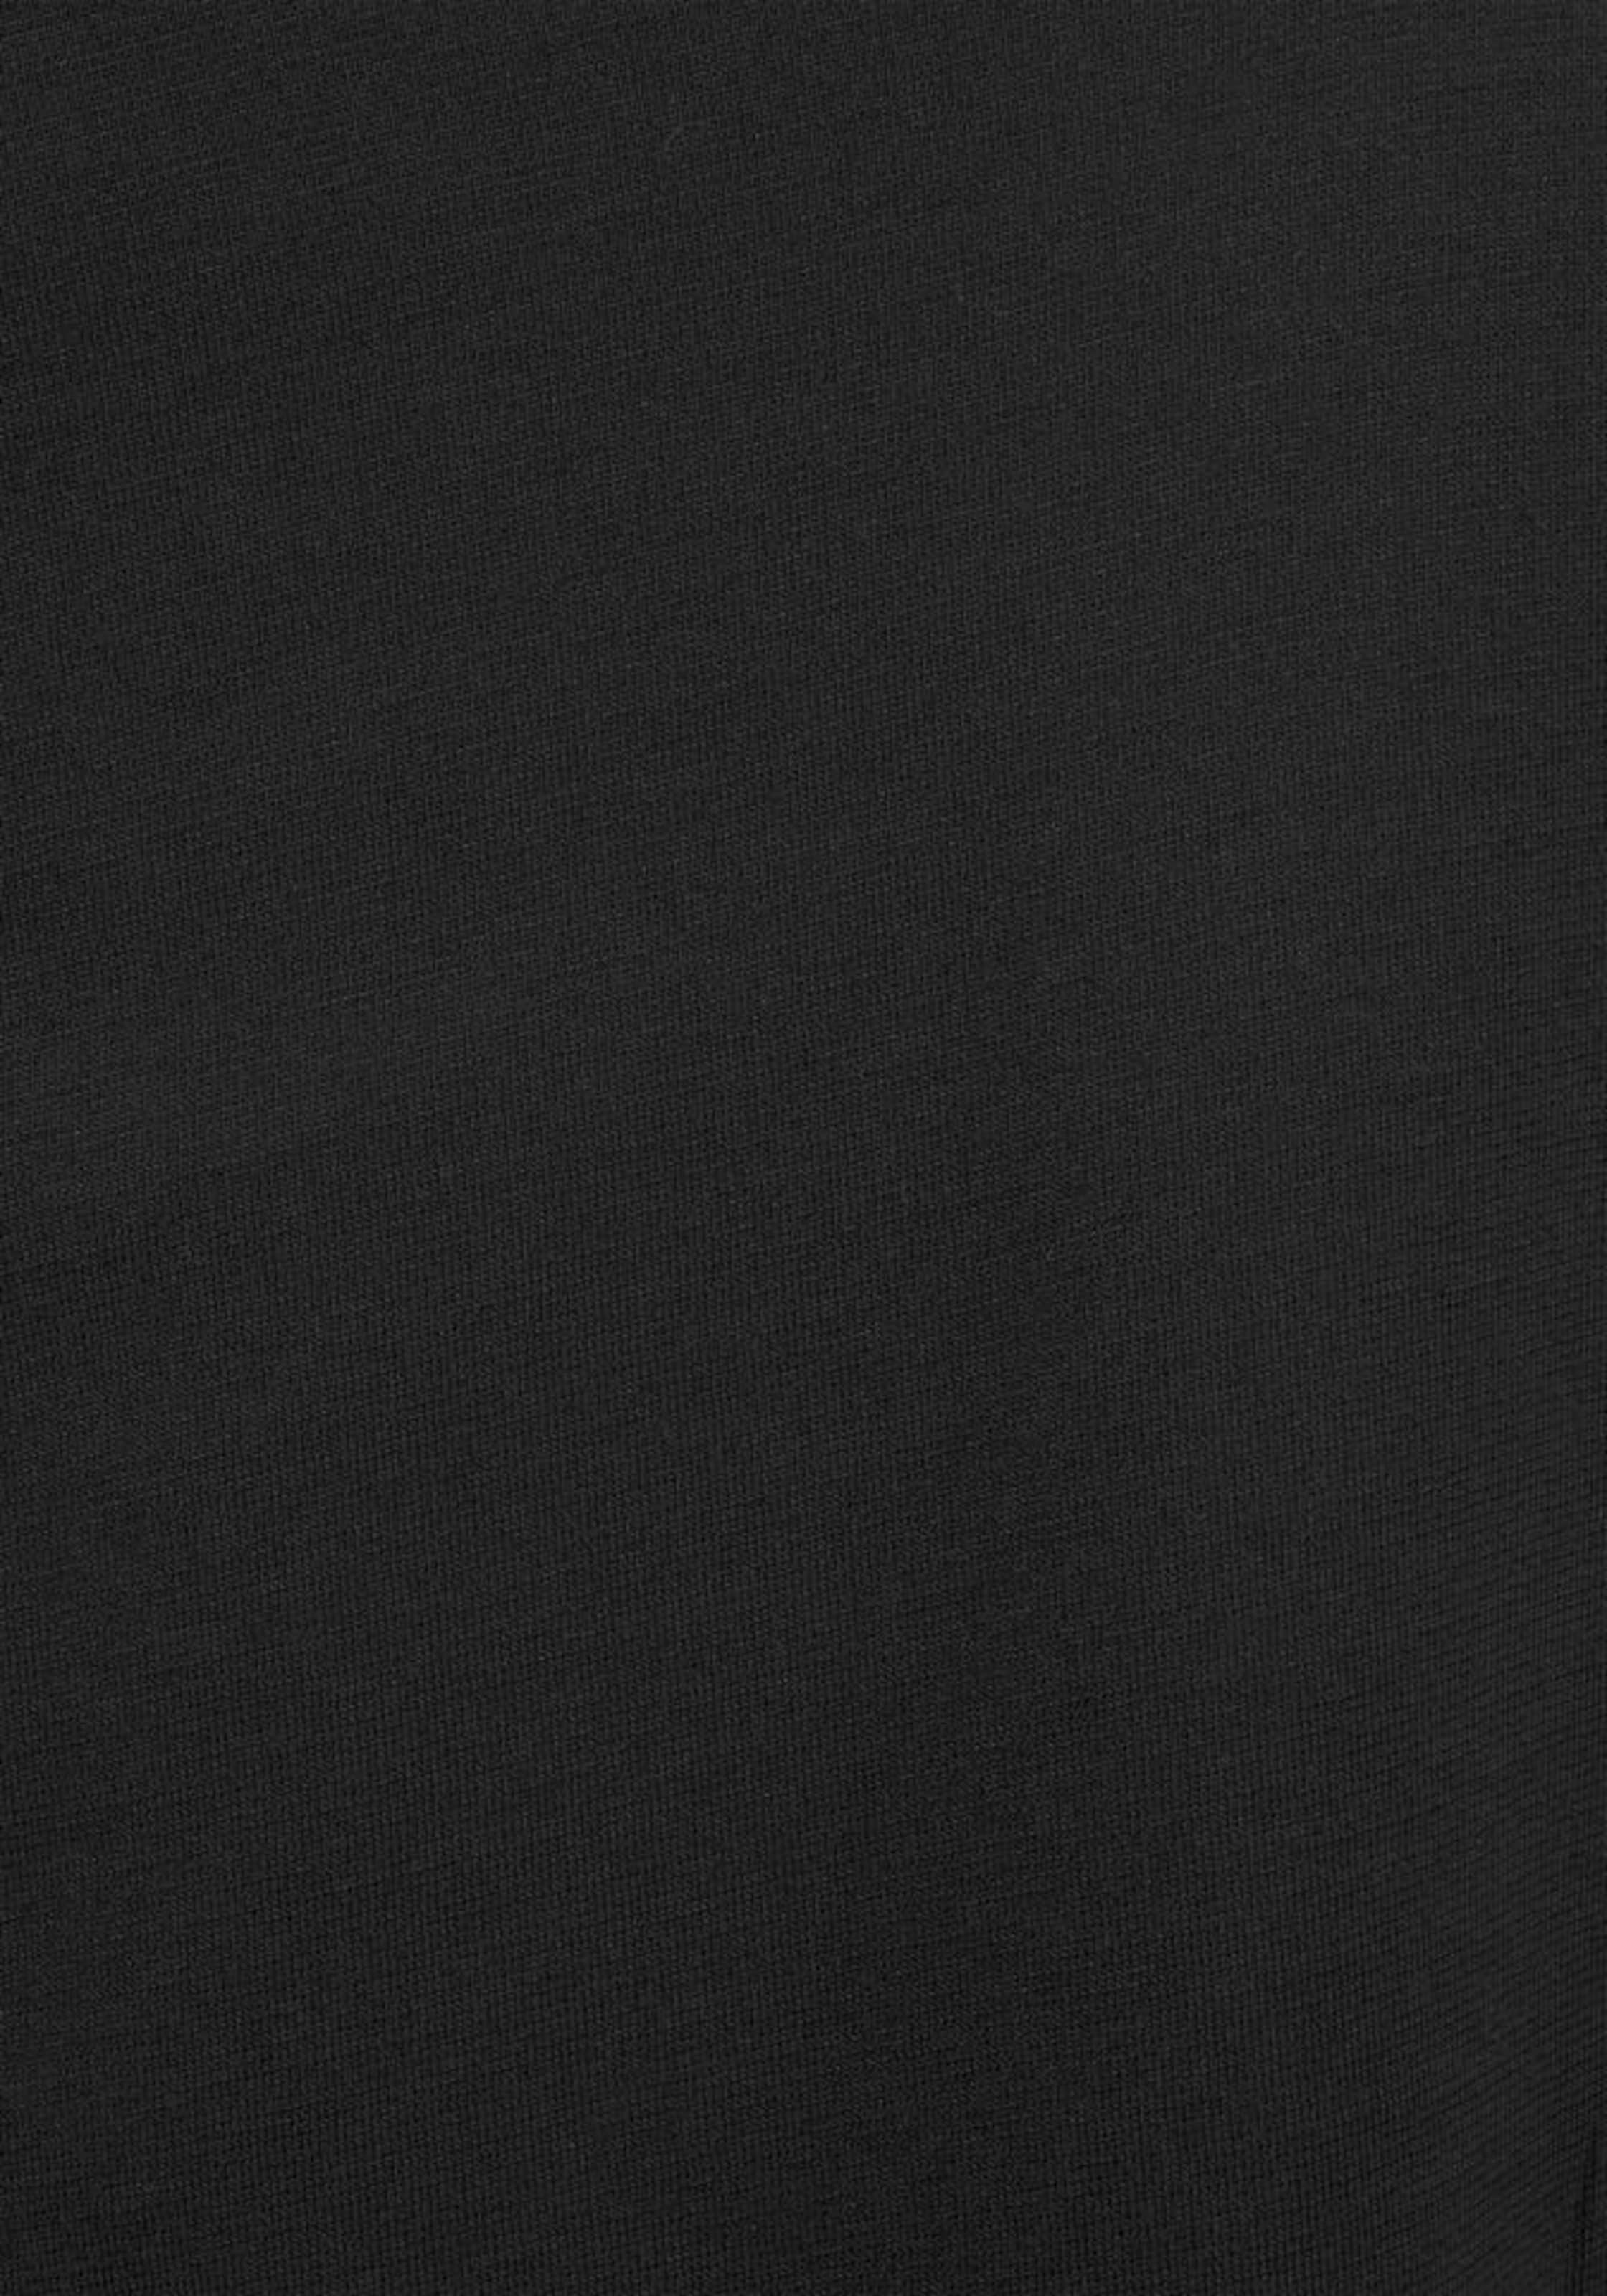 Online Kaufen Mit Paypal Günstiger Preis Zu Verkaufen BENCH V-Shirt aus atmungsaktiver COOLMAX® Ware Billig Bester Laden Zu Bekommen Geschäft Zum Verkauf qWv6XLx